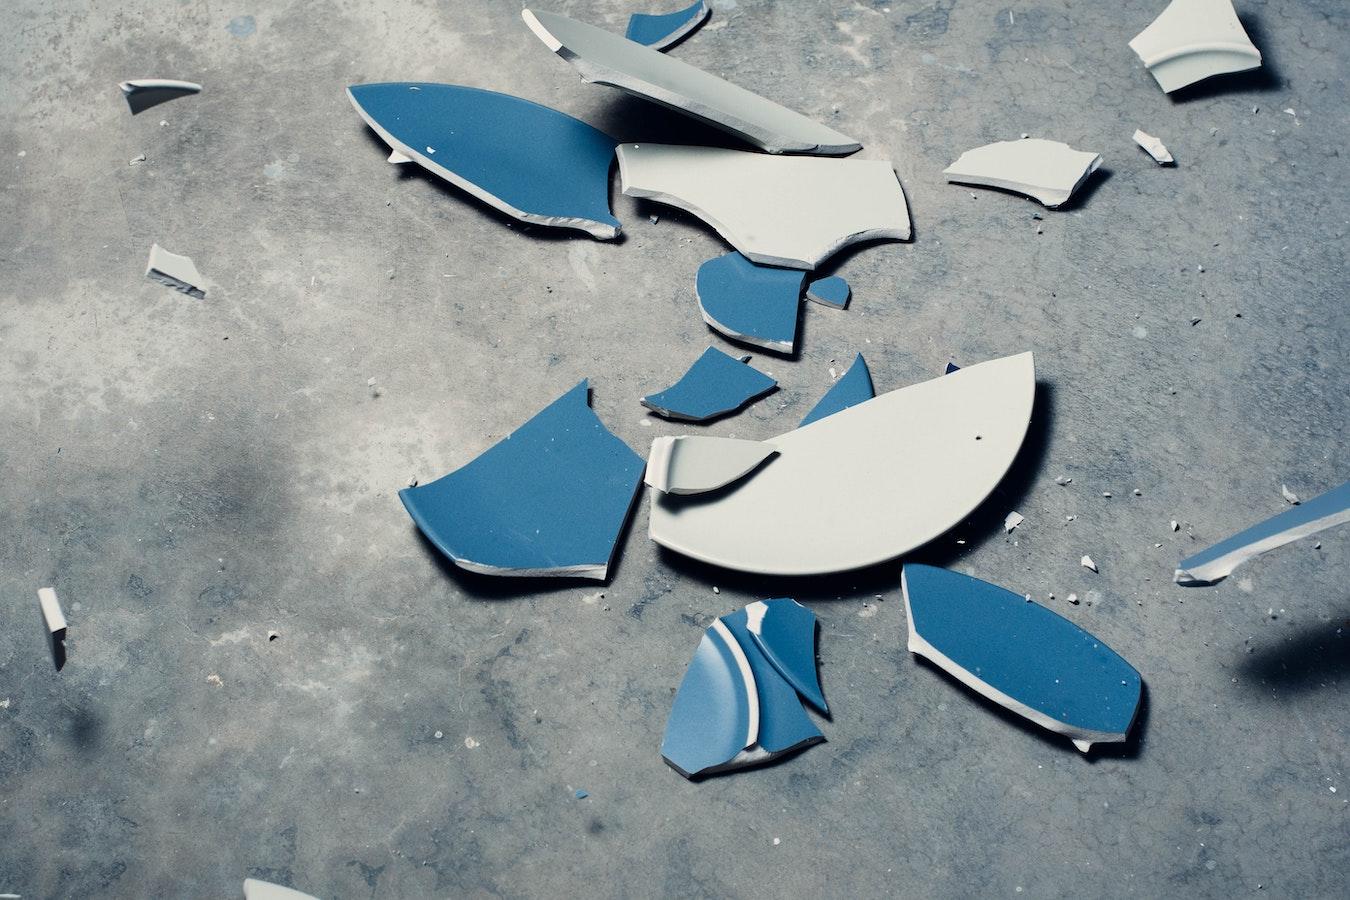 kaputter zerbrochener blauer Teller auf dem Boden - Selbstsabotage Sabotage Niederlage Fail